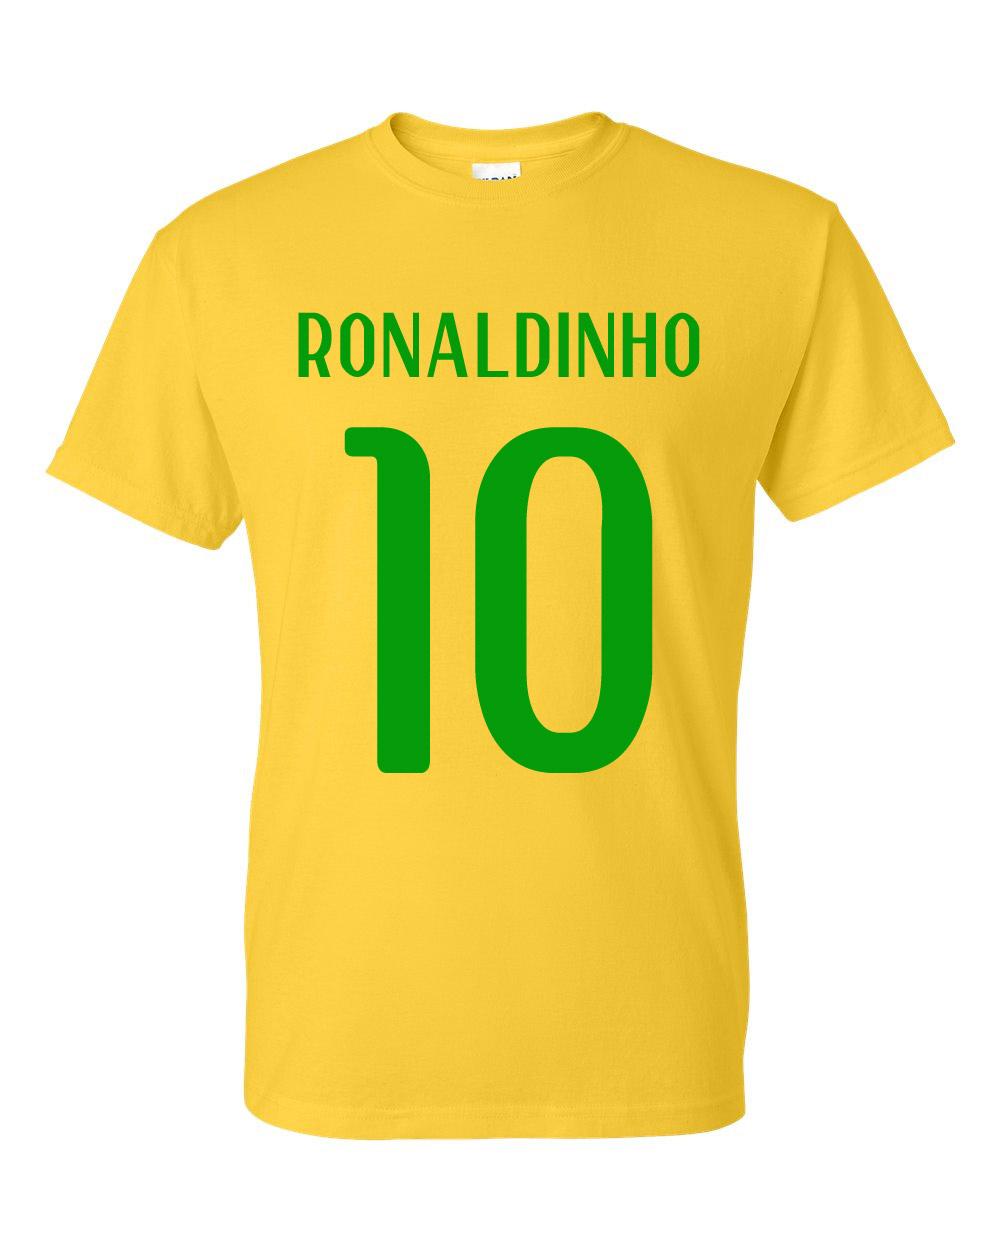 Ronaldinho Brazil Hero T Shirt Yellow Tshirtyellow